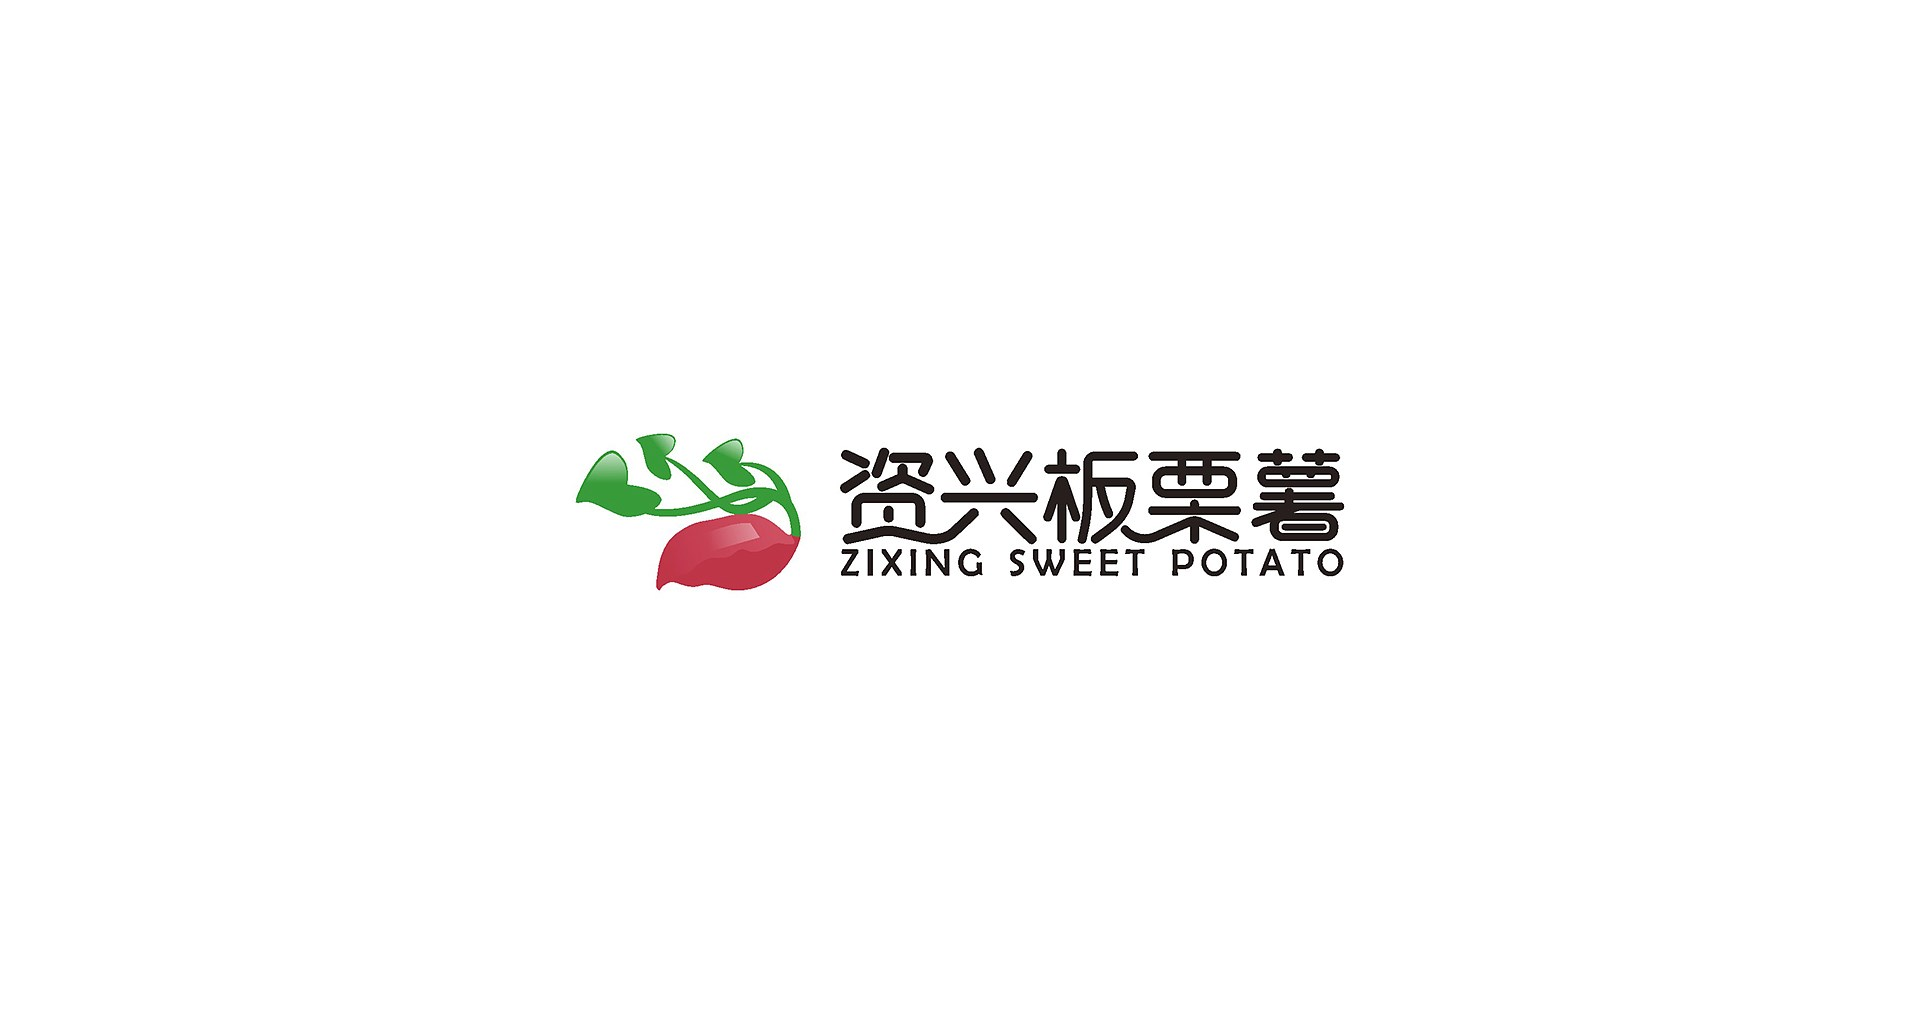 资兴板栗薯新万博竞彩app苹果下载万博manbetx手机版苹果下载_0005.JPG